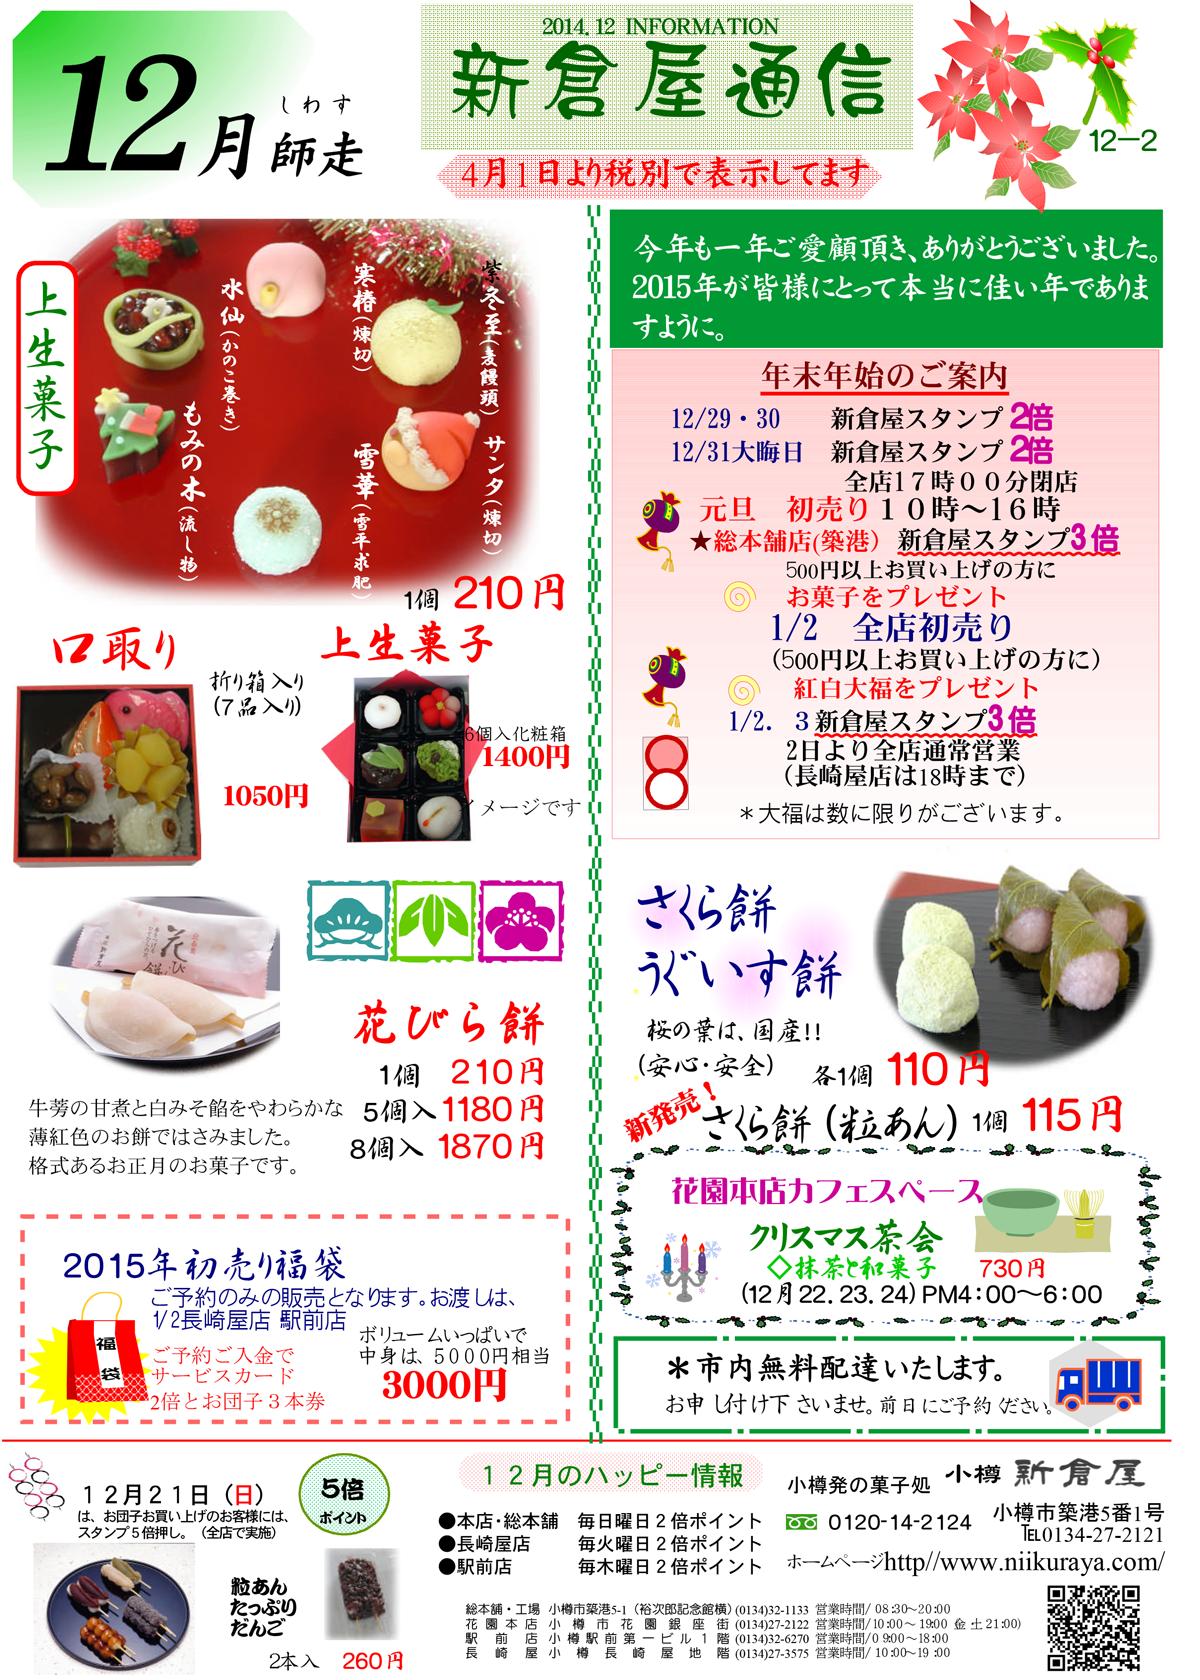 小樽新倉屋通信2014年12月2号